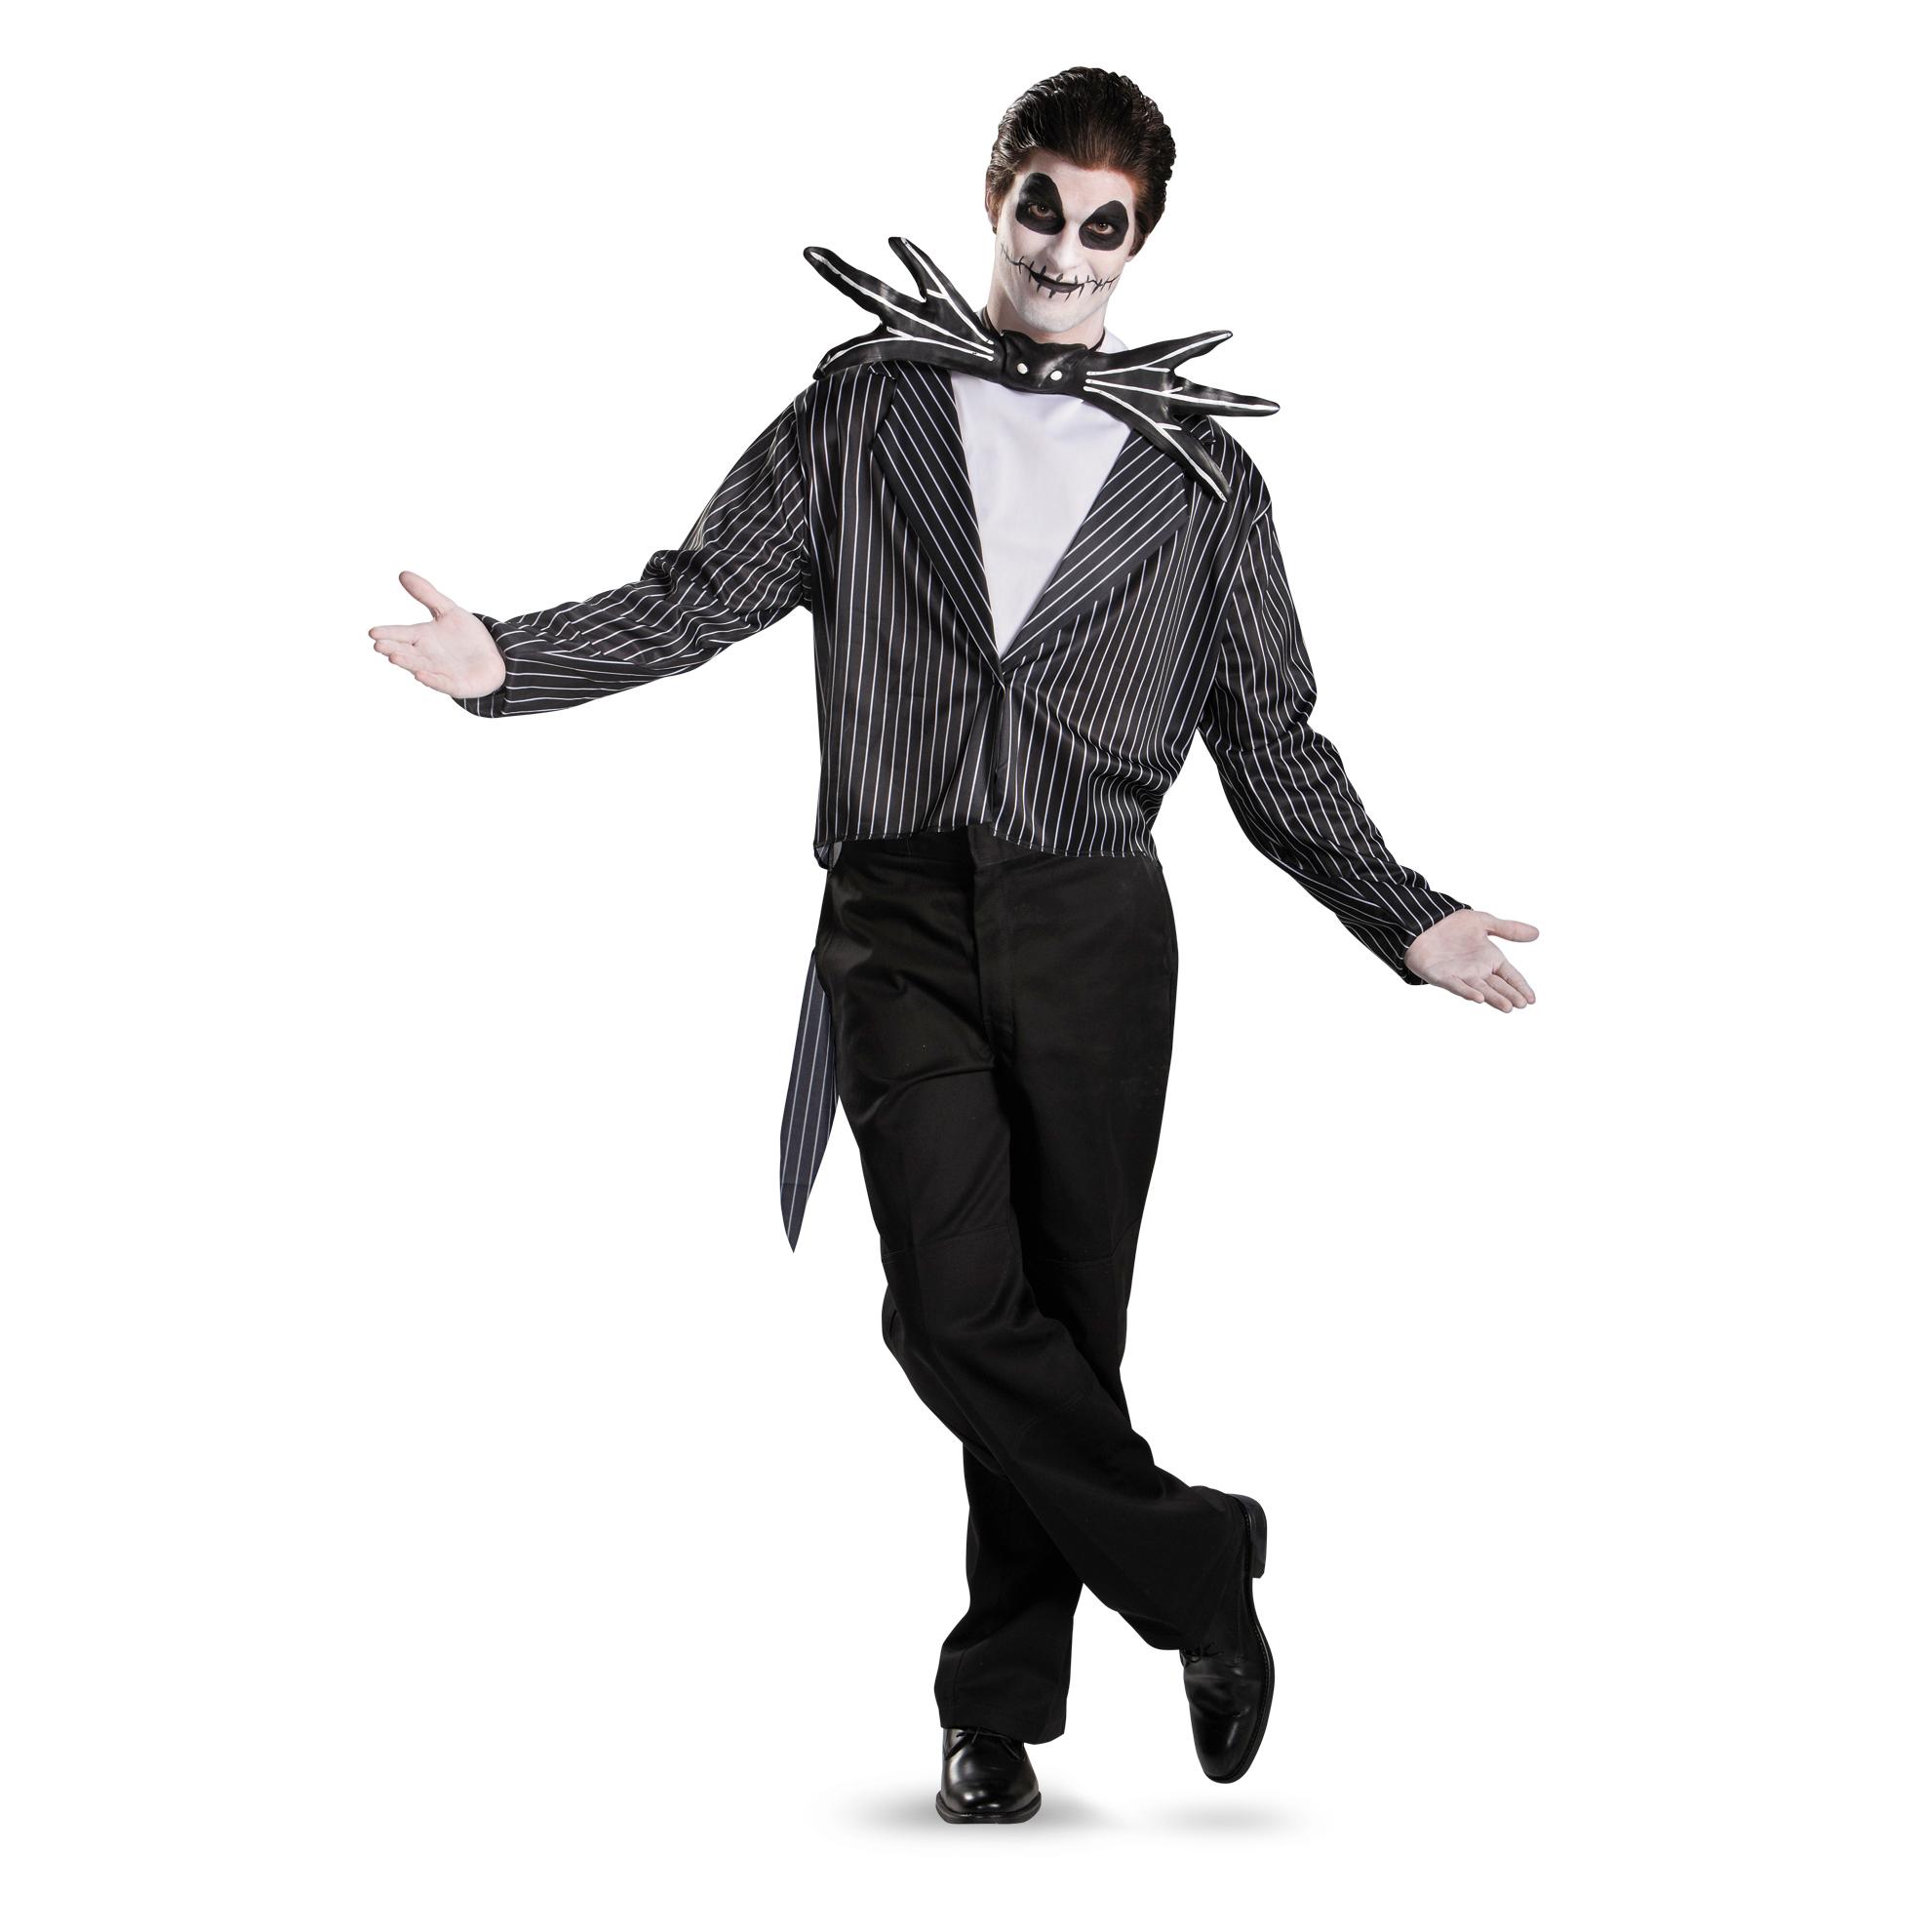 Nightmare Before Christmas Jack Skellington Adult Halloween Costume